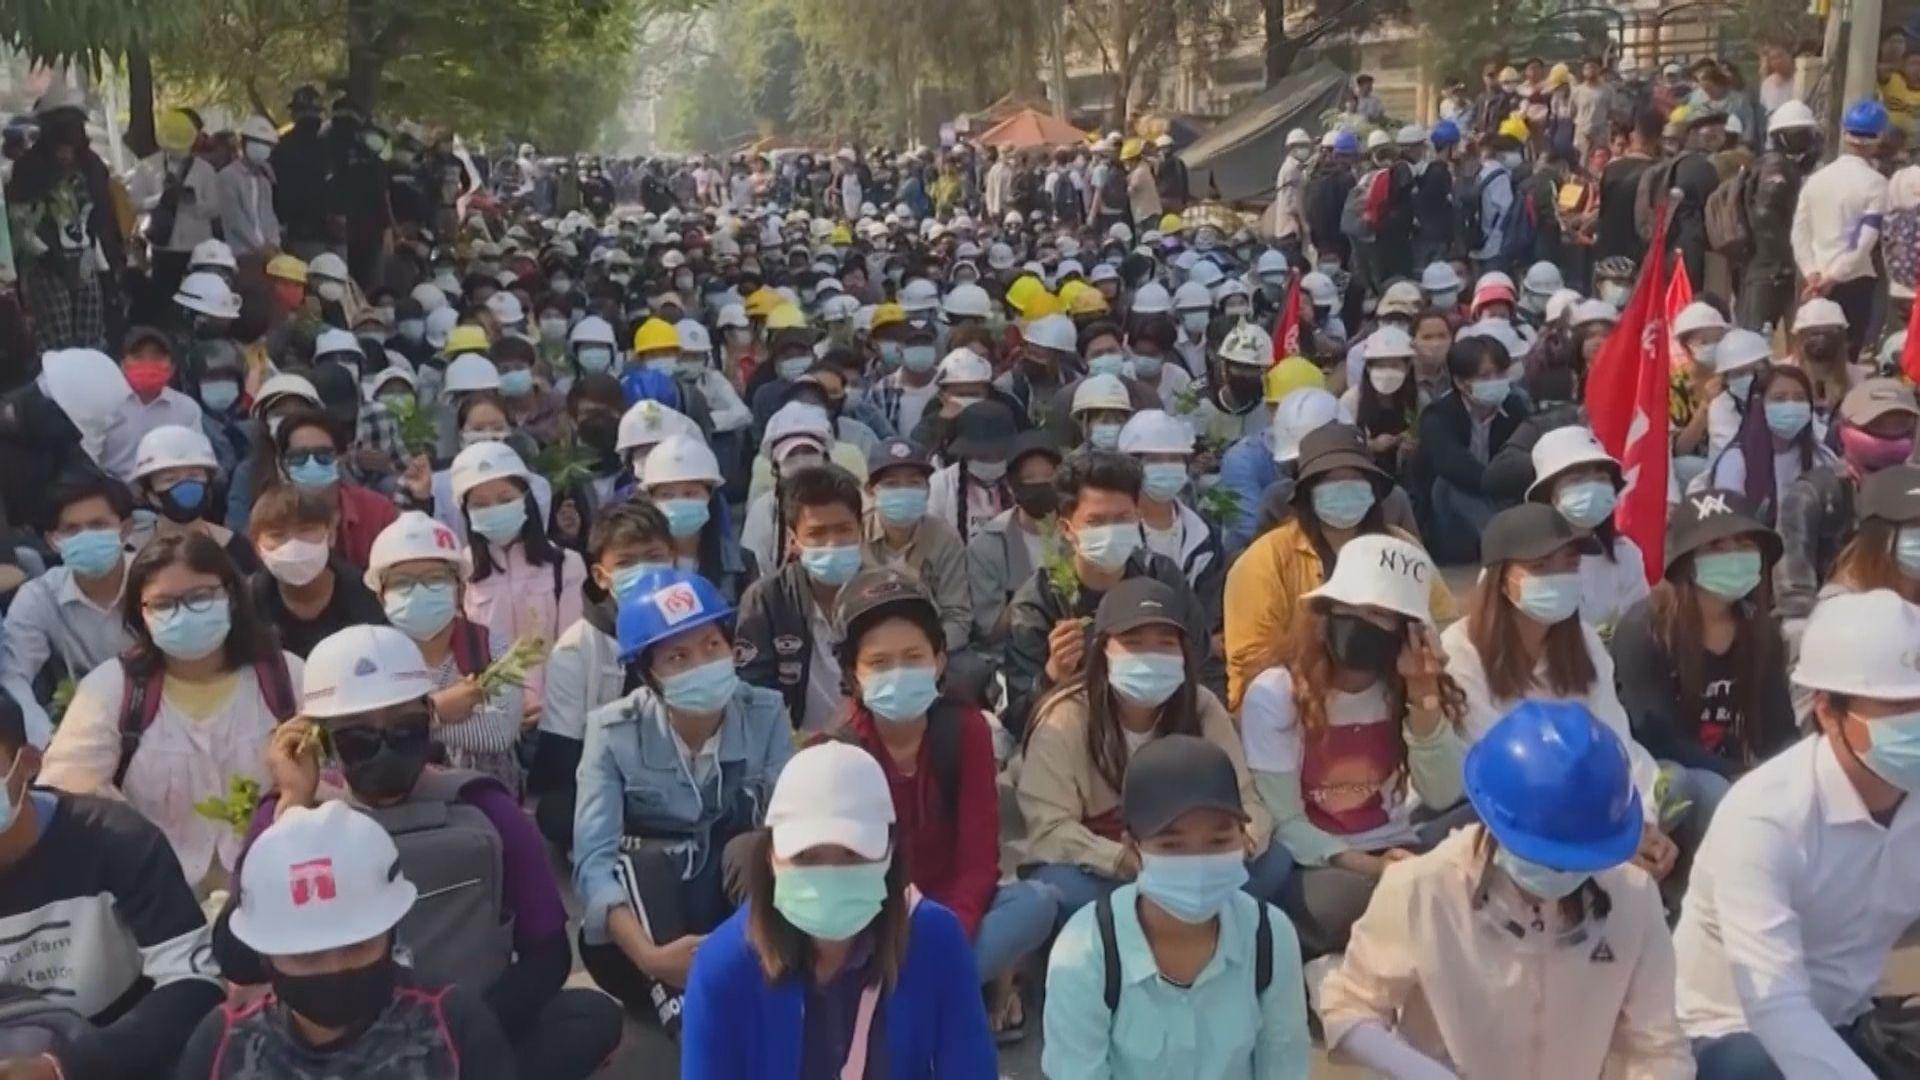 聯合國:由上月初以來緬甸已經有逾50人被殺